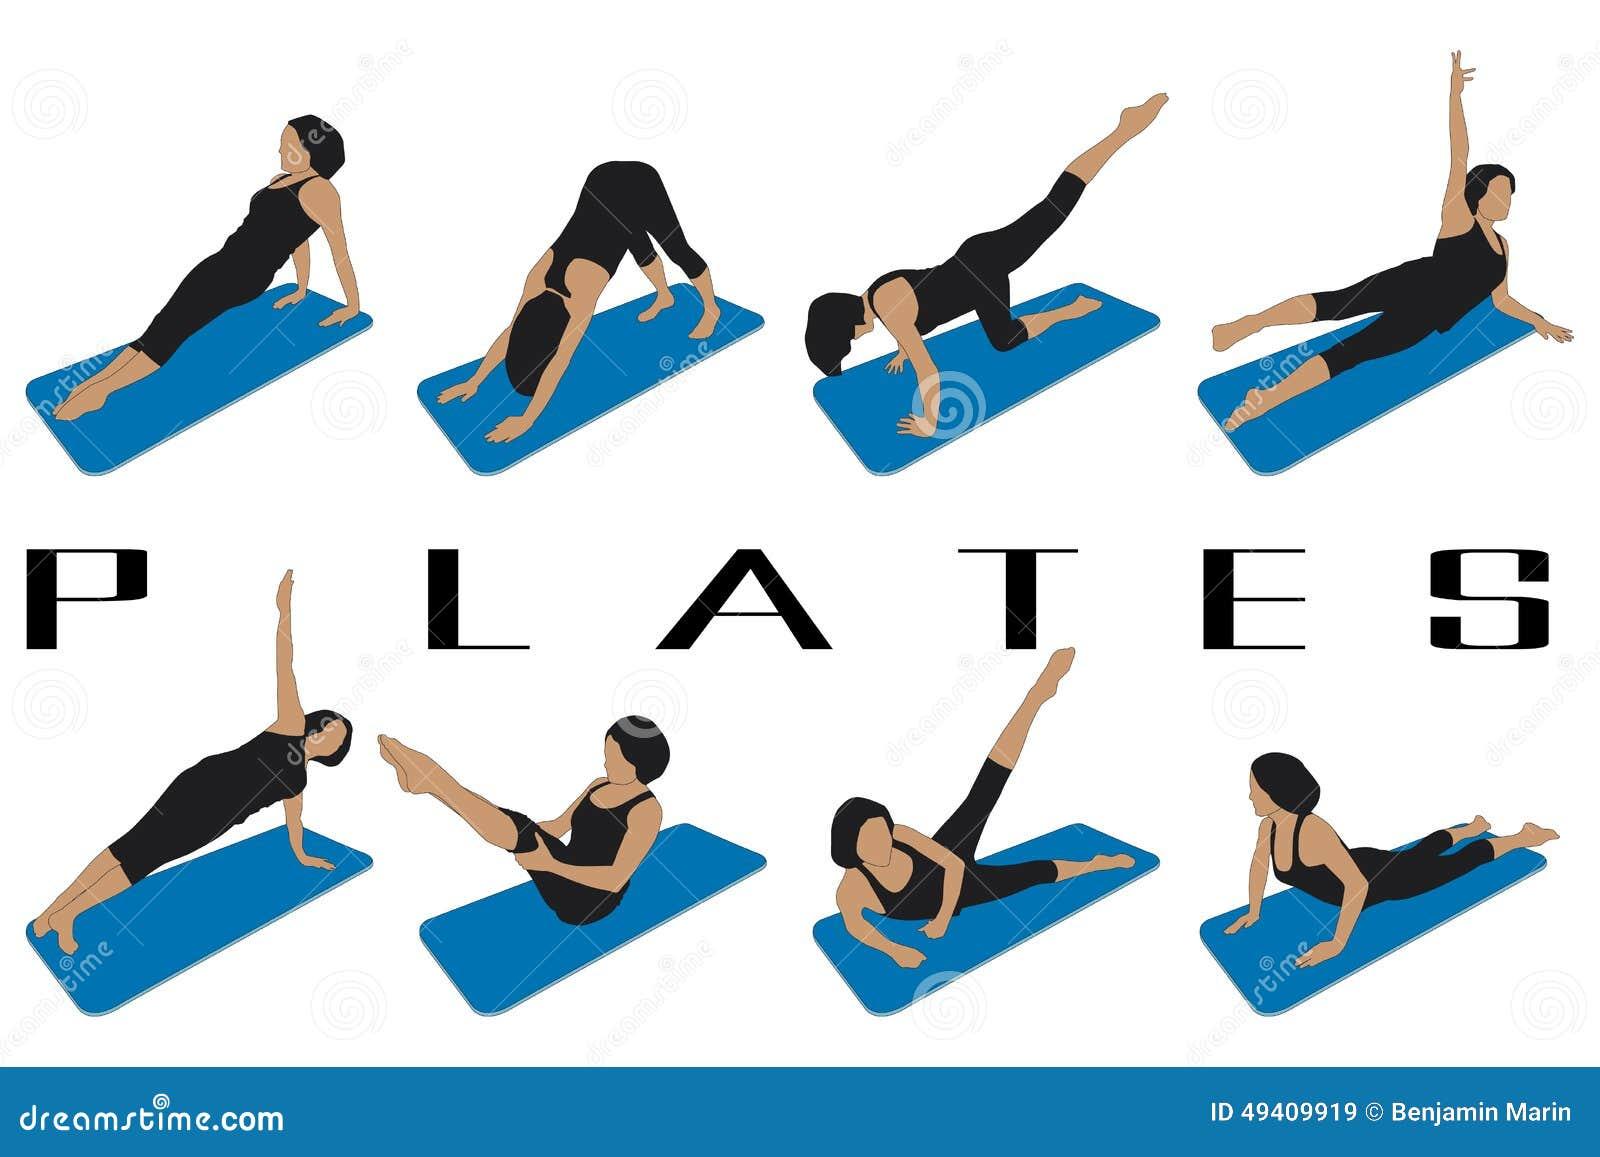 Download Pilates vektor abbildung. Illustration von sport, schattenbilder - 49409919